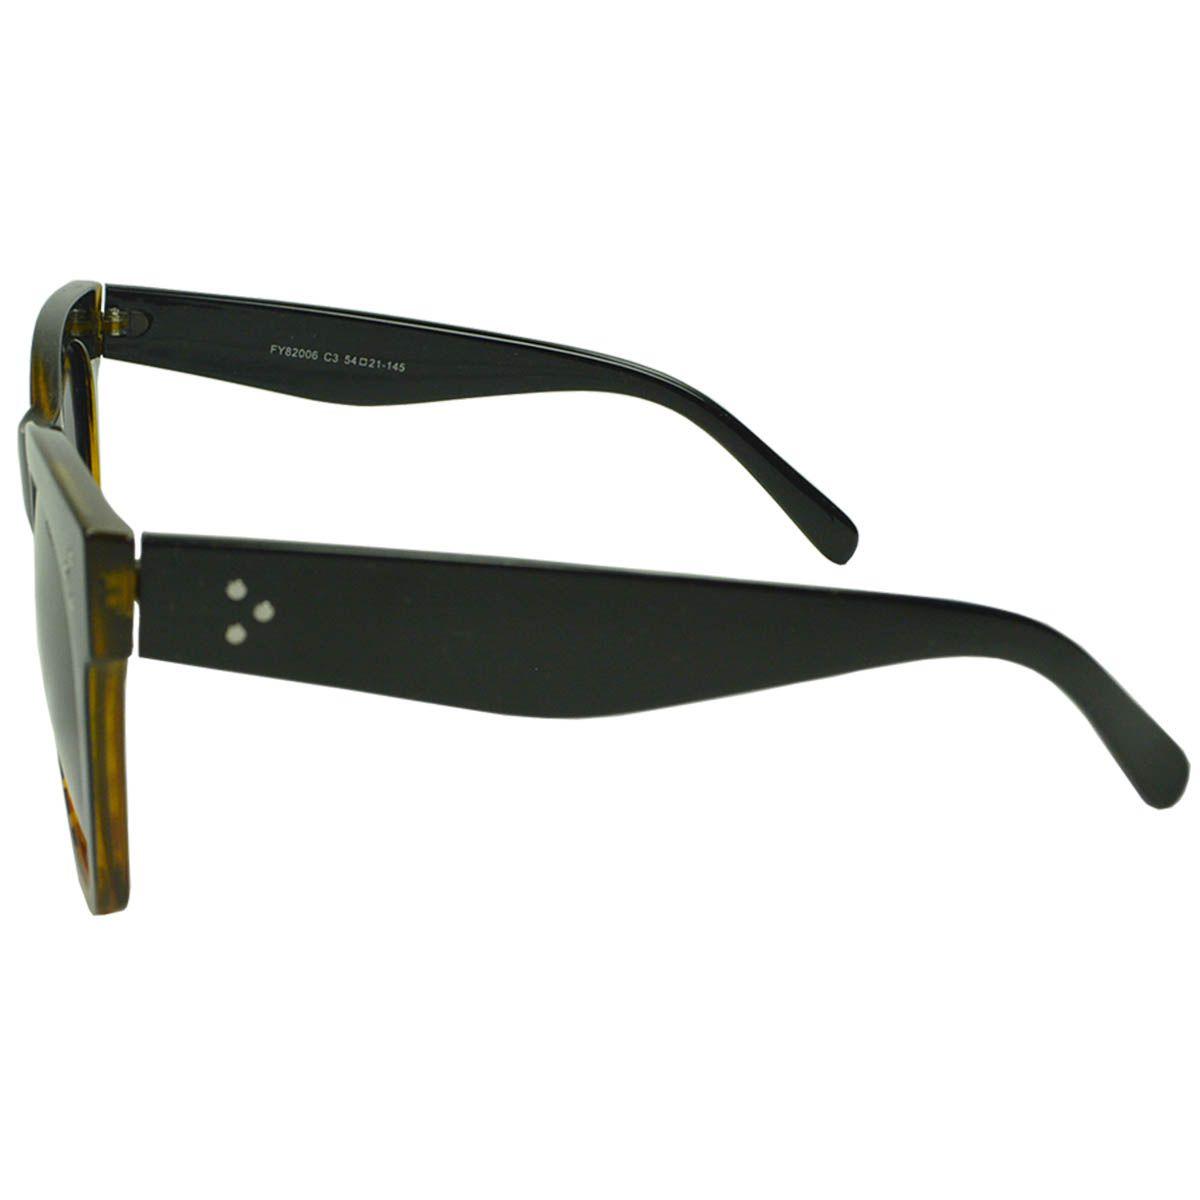 9ced5a717 ... Óculos de Sol Feminino Mackage MK82006 - Mackage ...